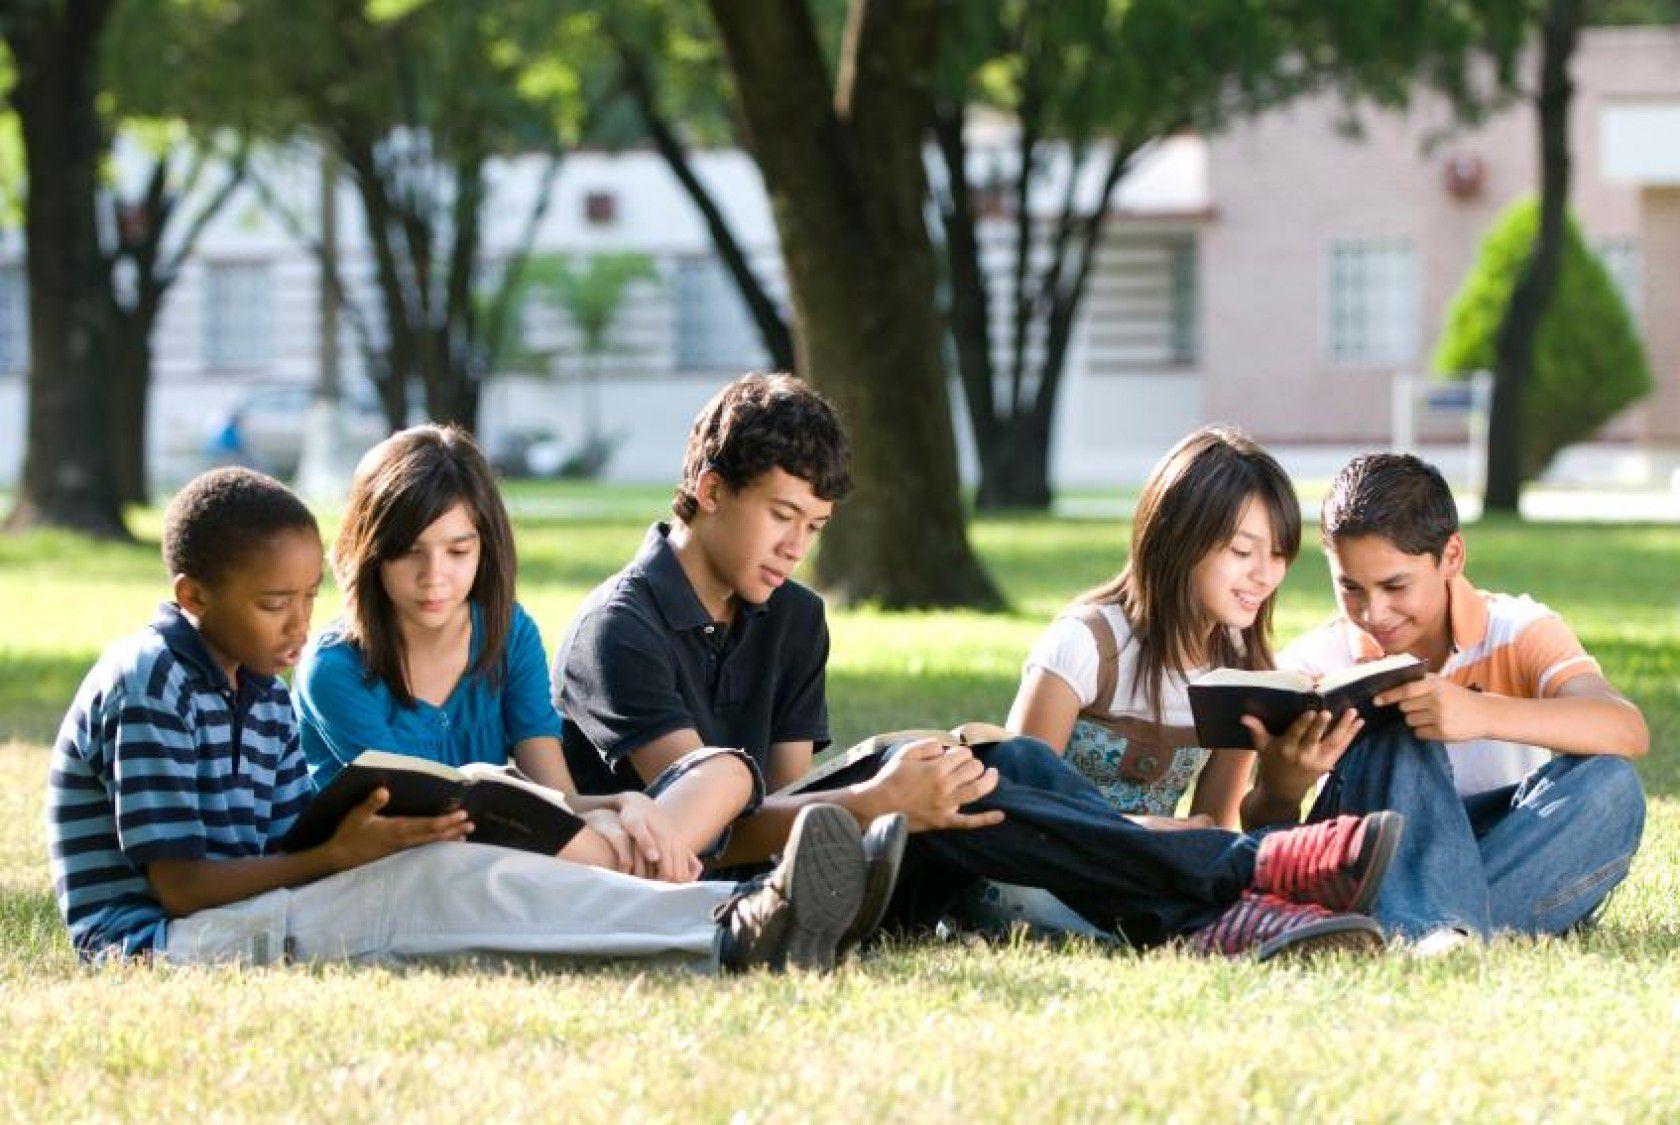 Öğretmenlerin Görüşü ile Fransa'da Lise Eğitimi Hakkında Bilinmesi Gereken Gerçekler